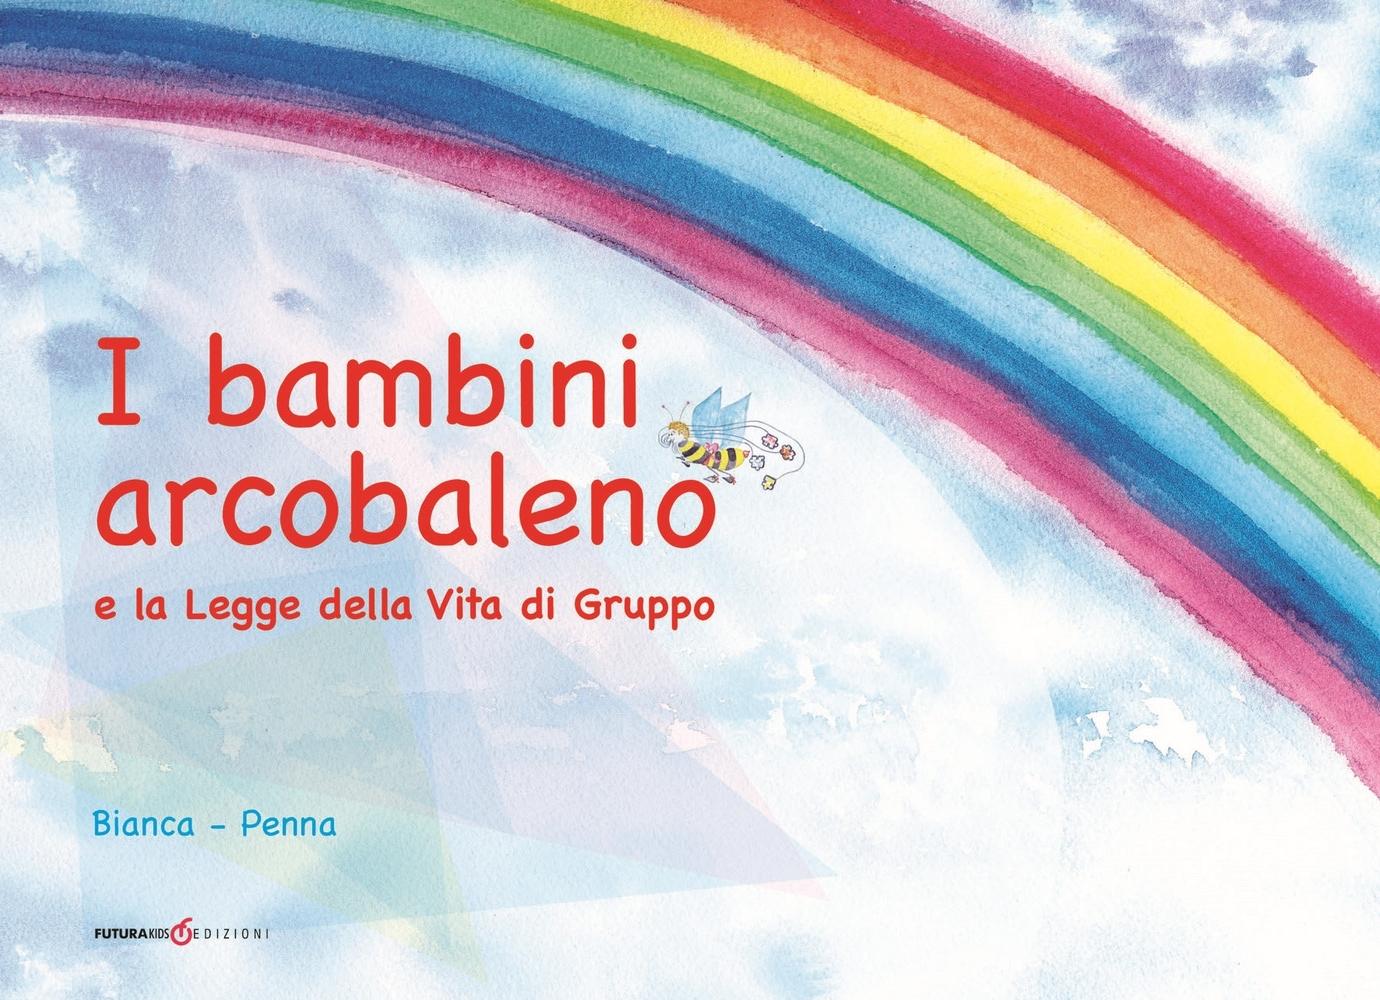 I bambini arcobaleno e la Legge della vita di gruppo